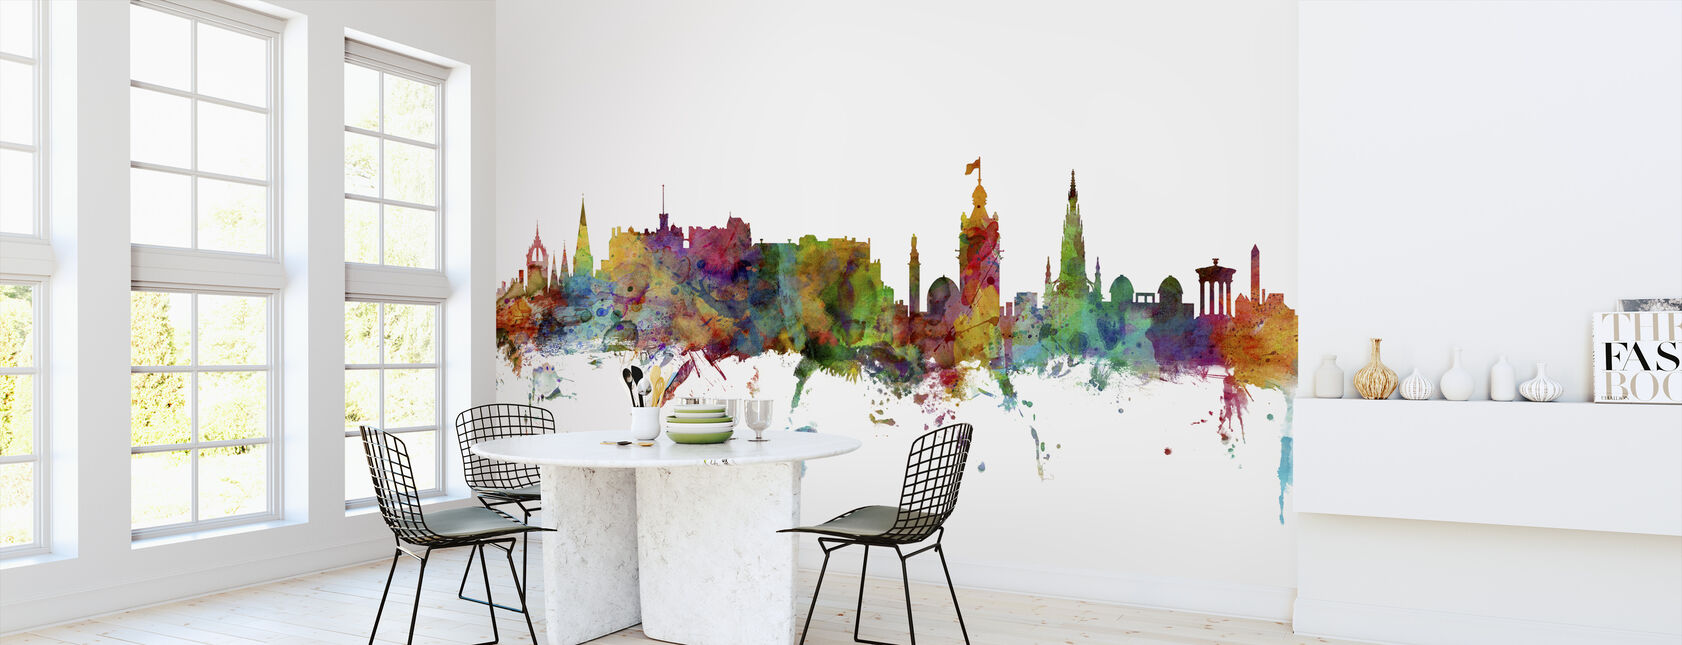 Edinburgh Skyline - Wallpaper - Kitchen